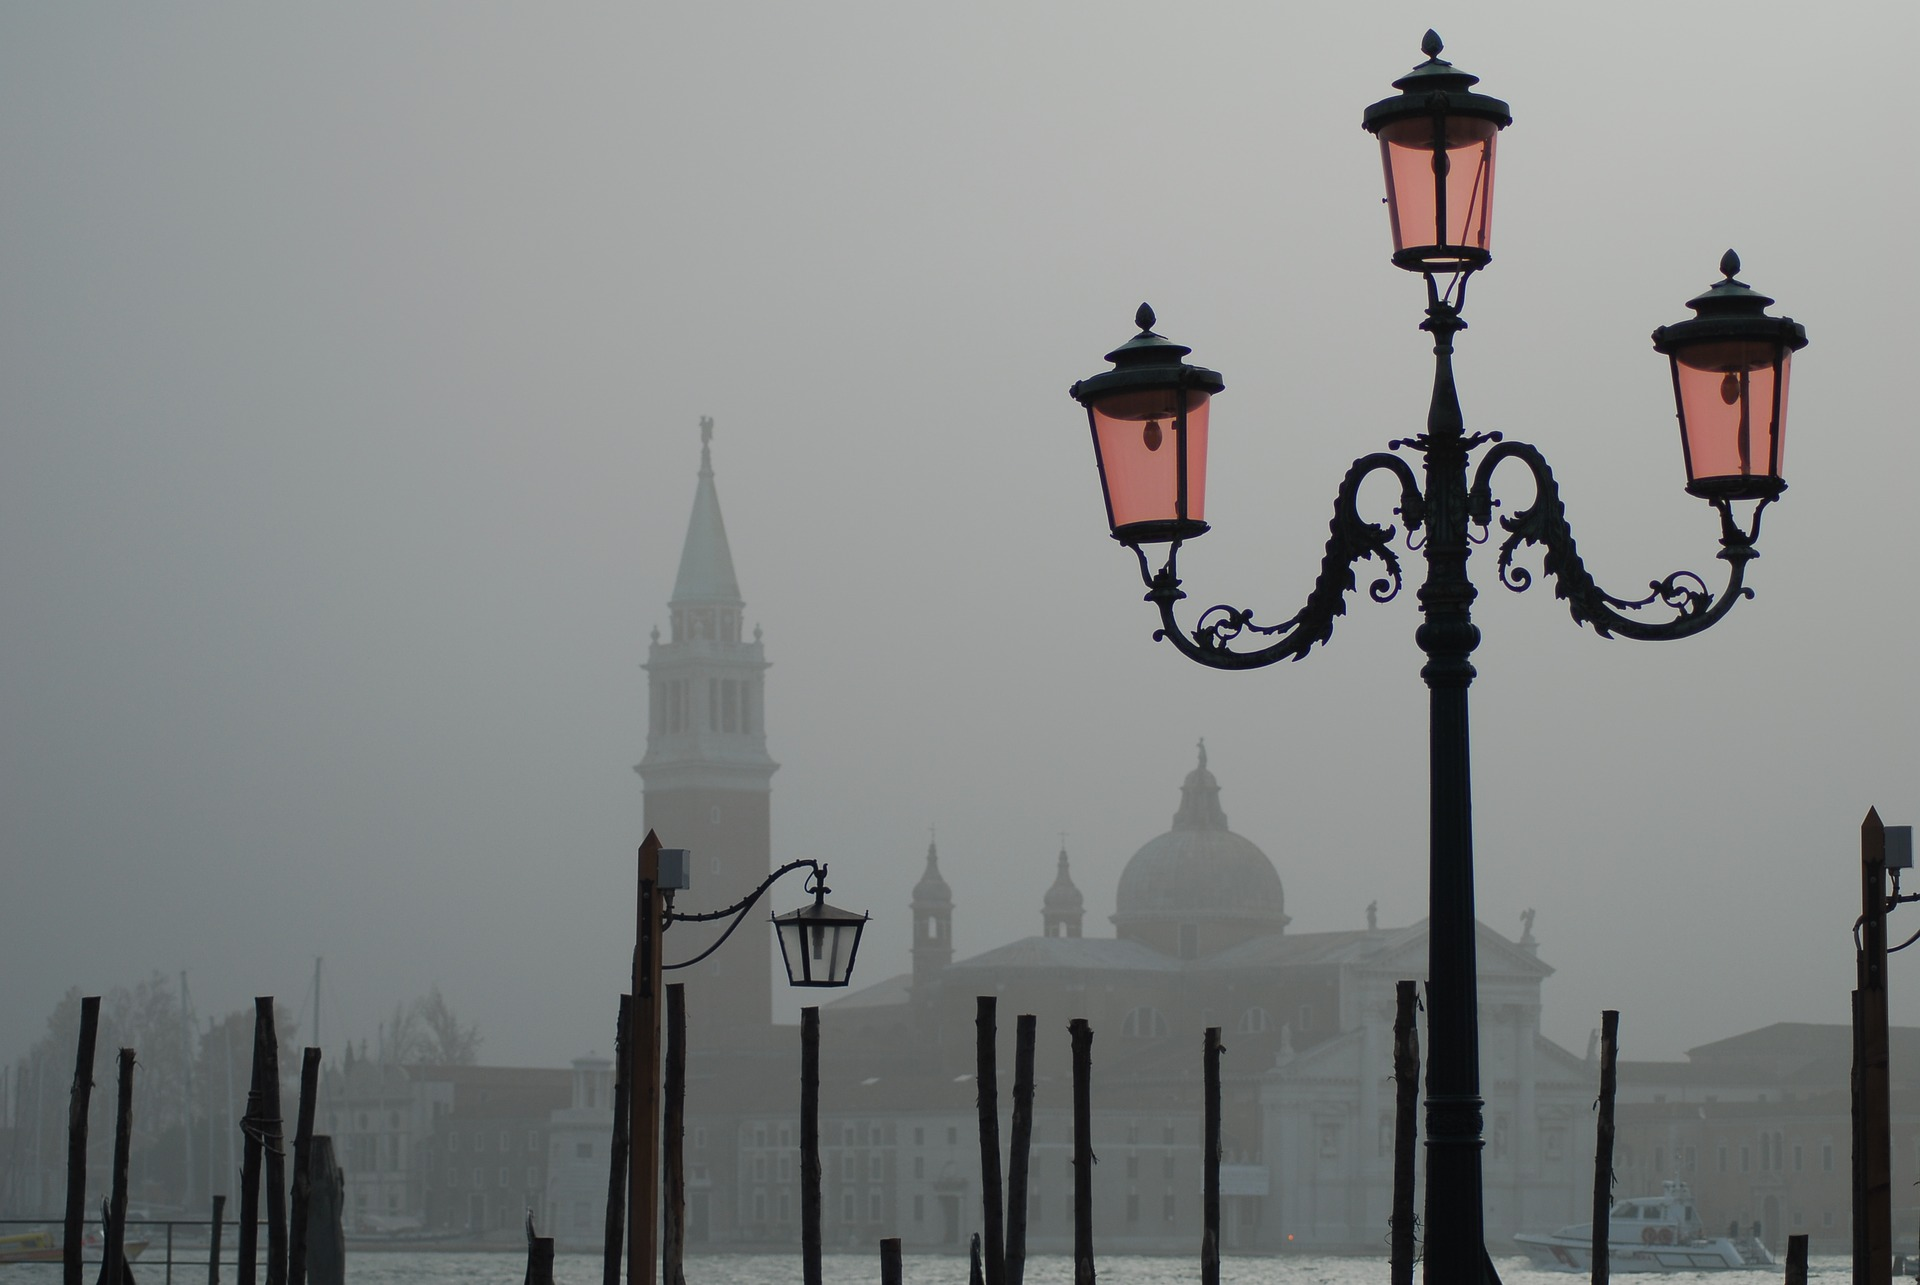 Carnaval de Venecia, Italia carnaval de venecia - 39469479755 efa10ddcd9 o - Carnaval de Venecia : la historia y elegancia toman la calle